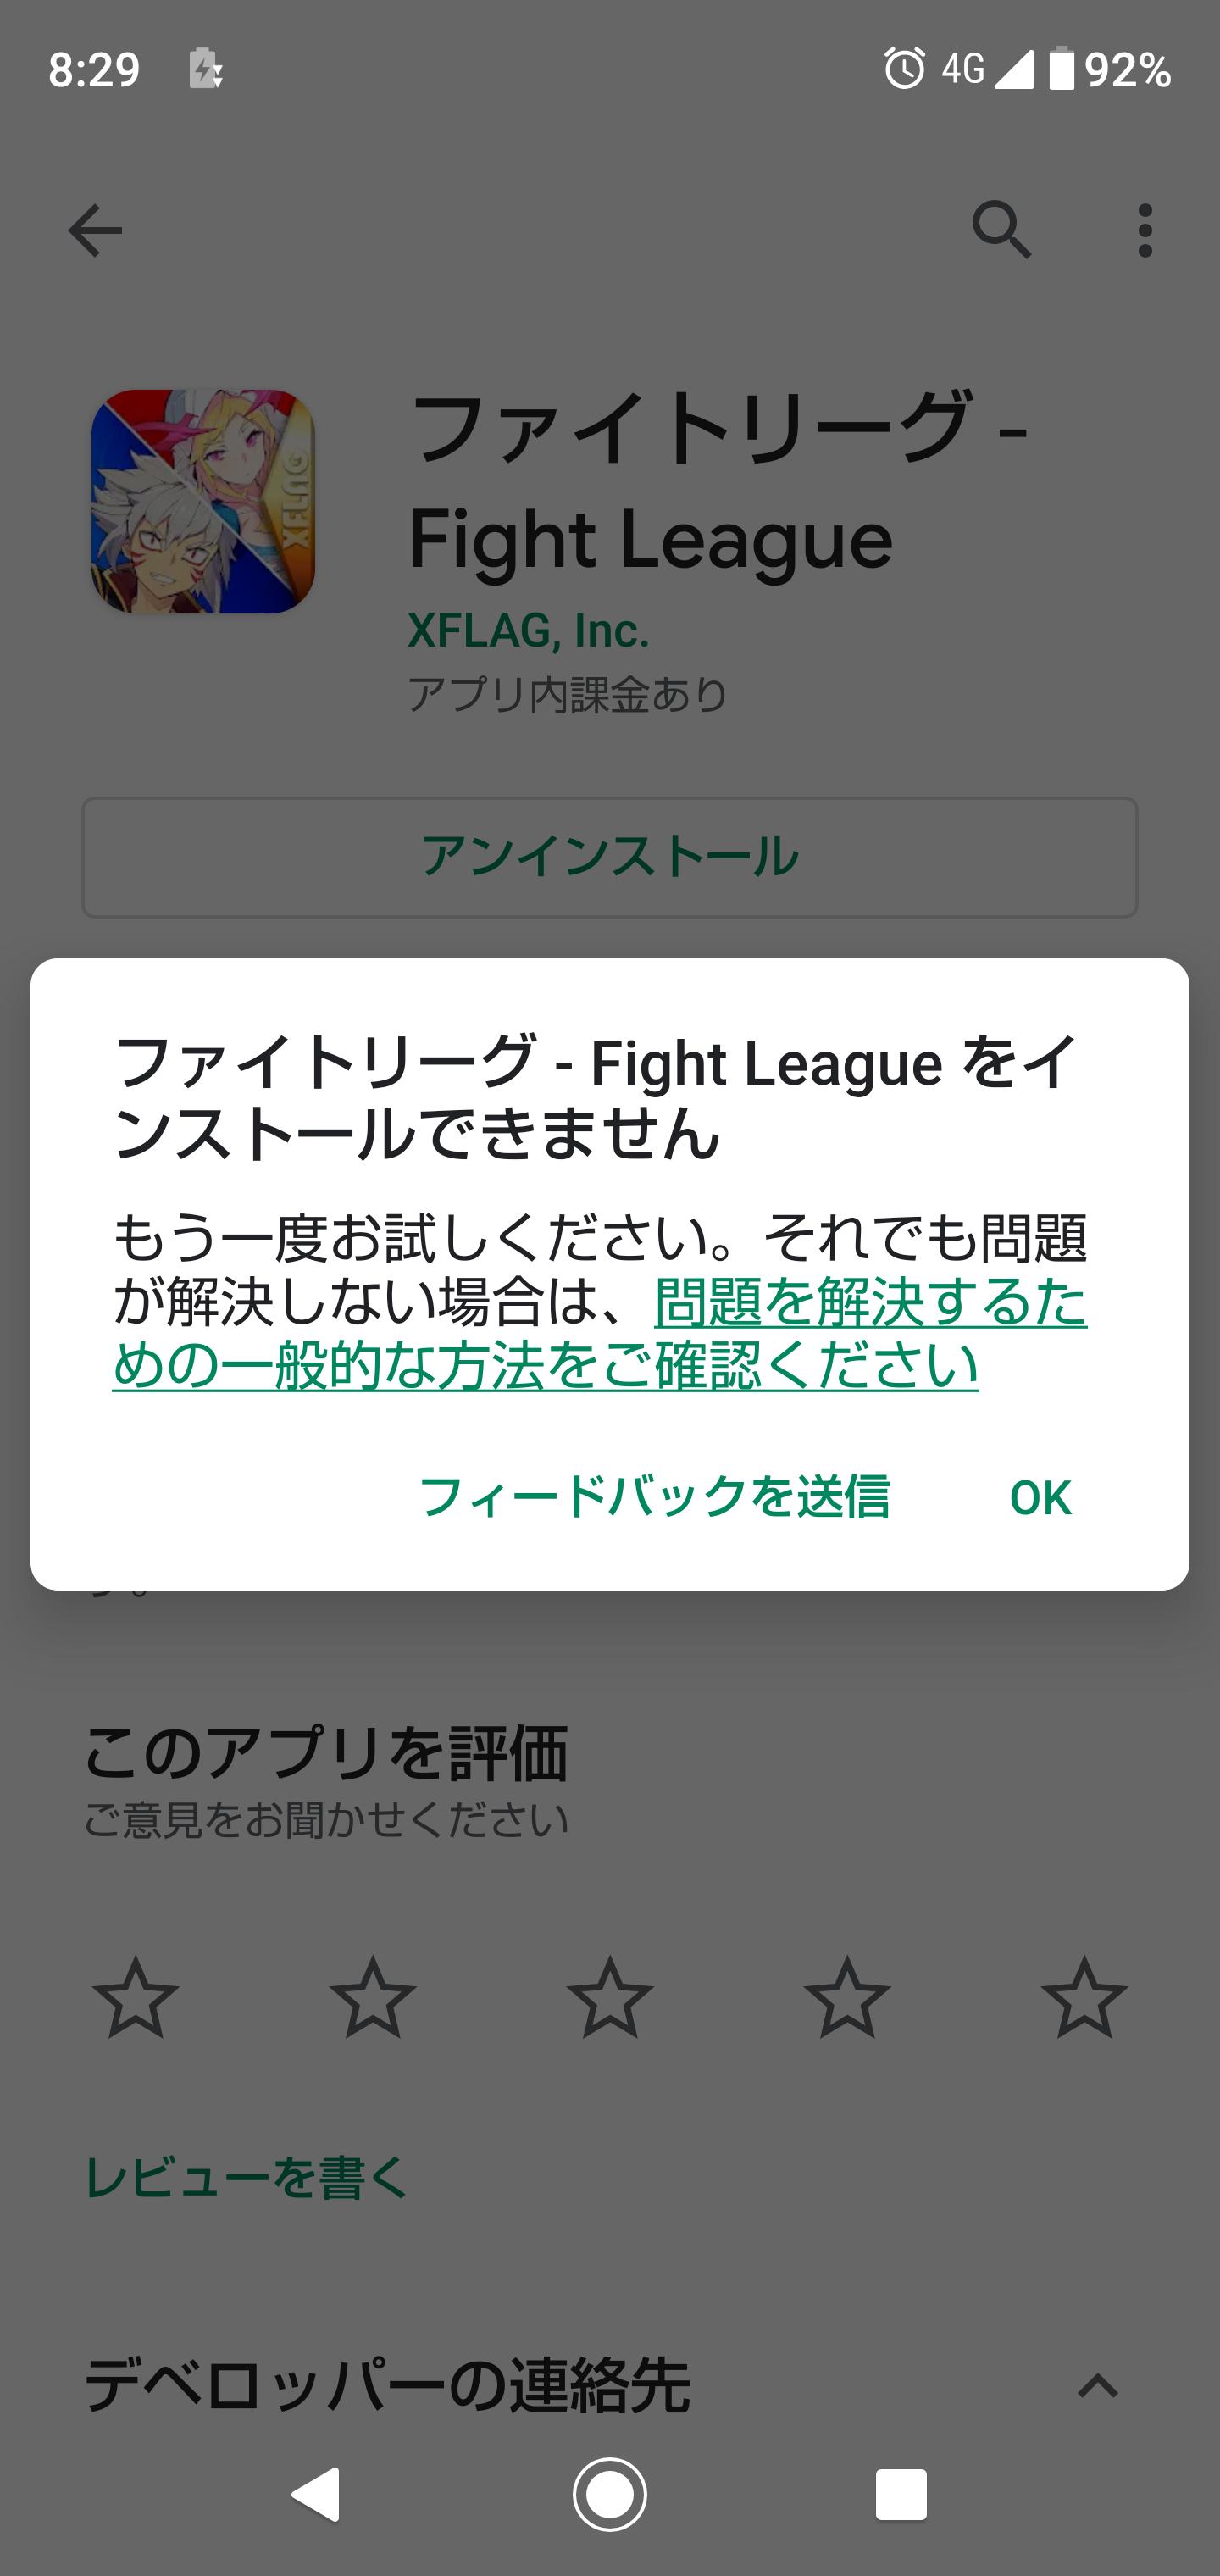 方法 アプリ インストール google play google playでインストール済みアプリを削除する方法と3つのポイント